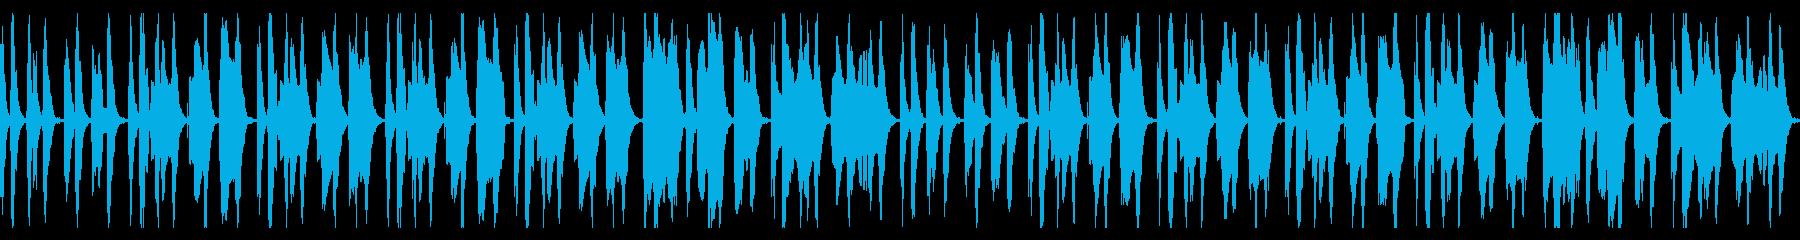 優しい・朗らか・のほほんとしたループ曲の再生済みの波形